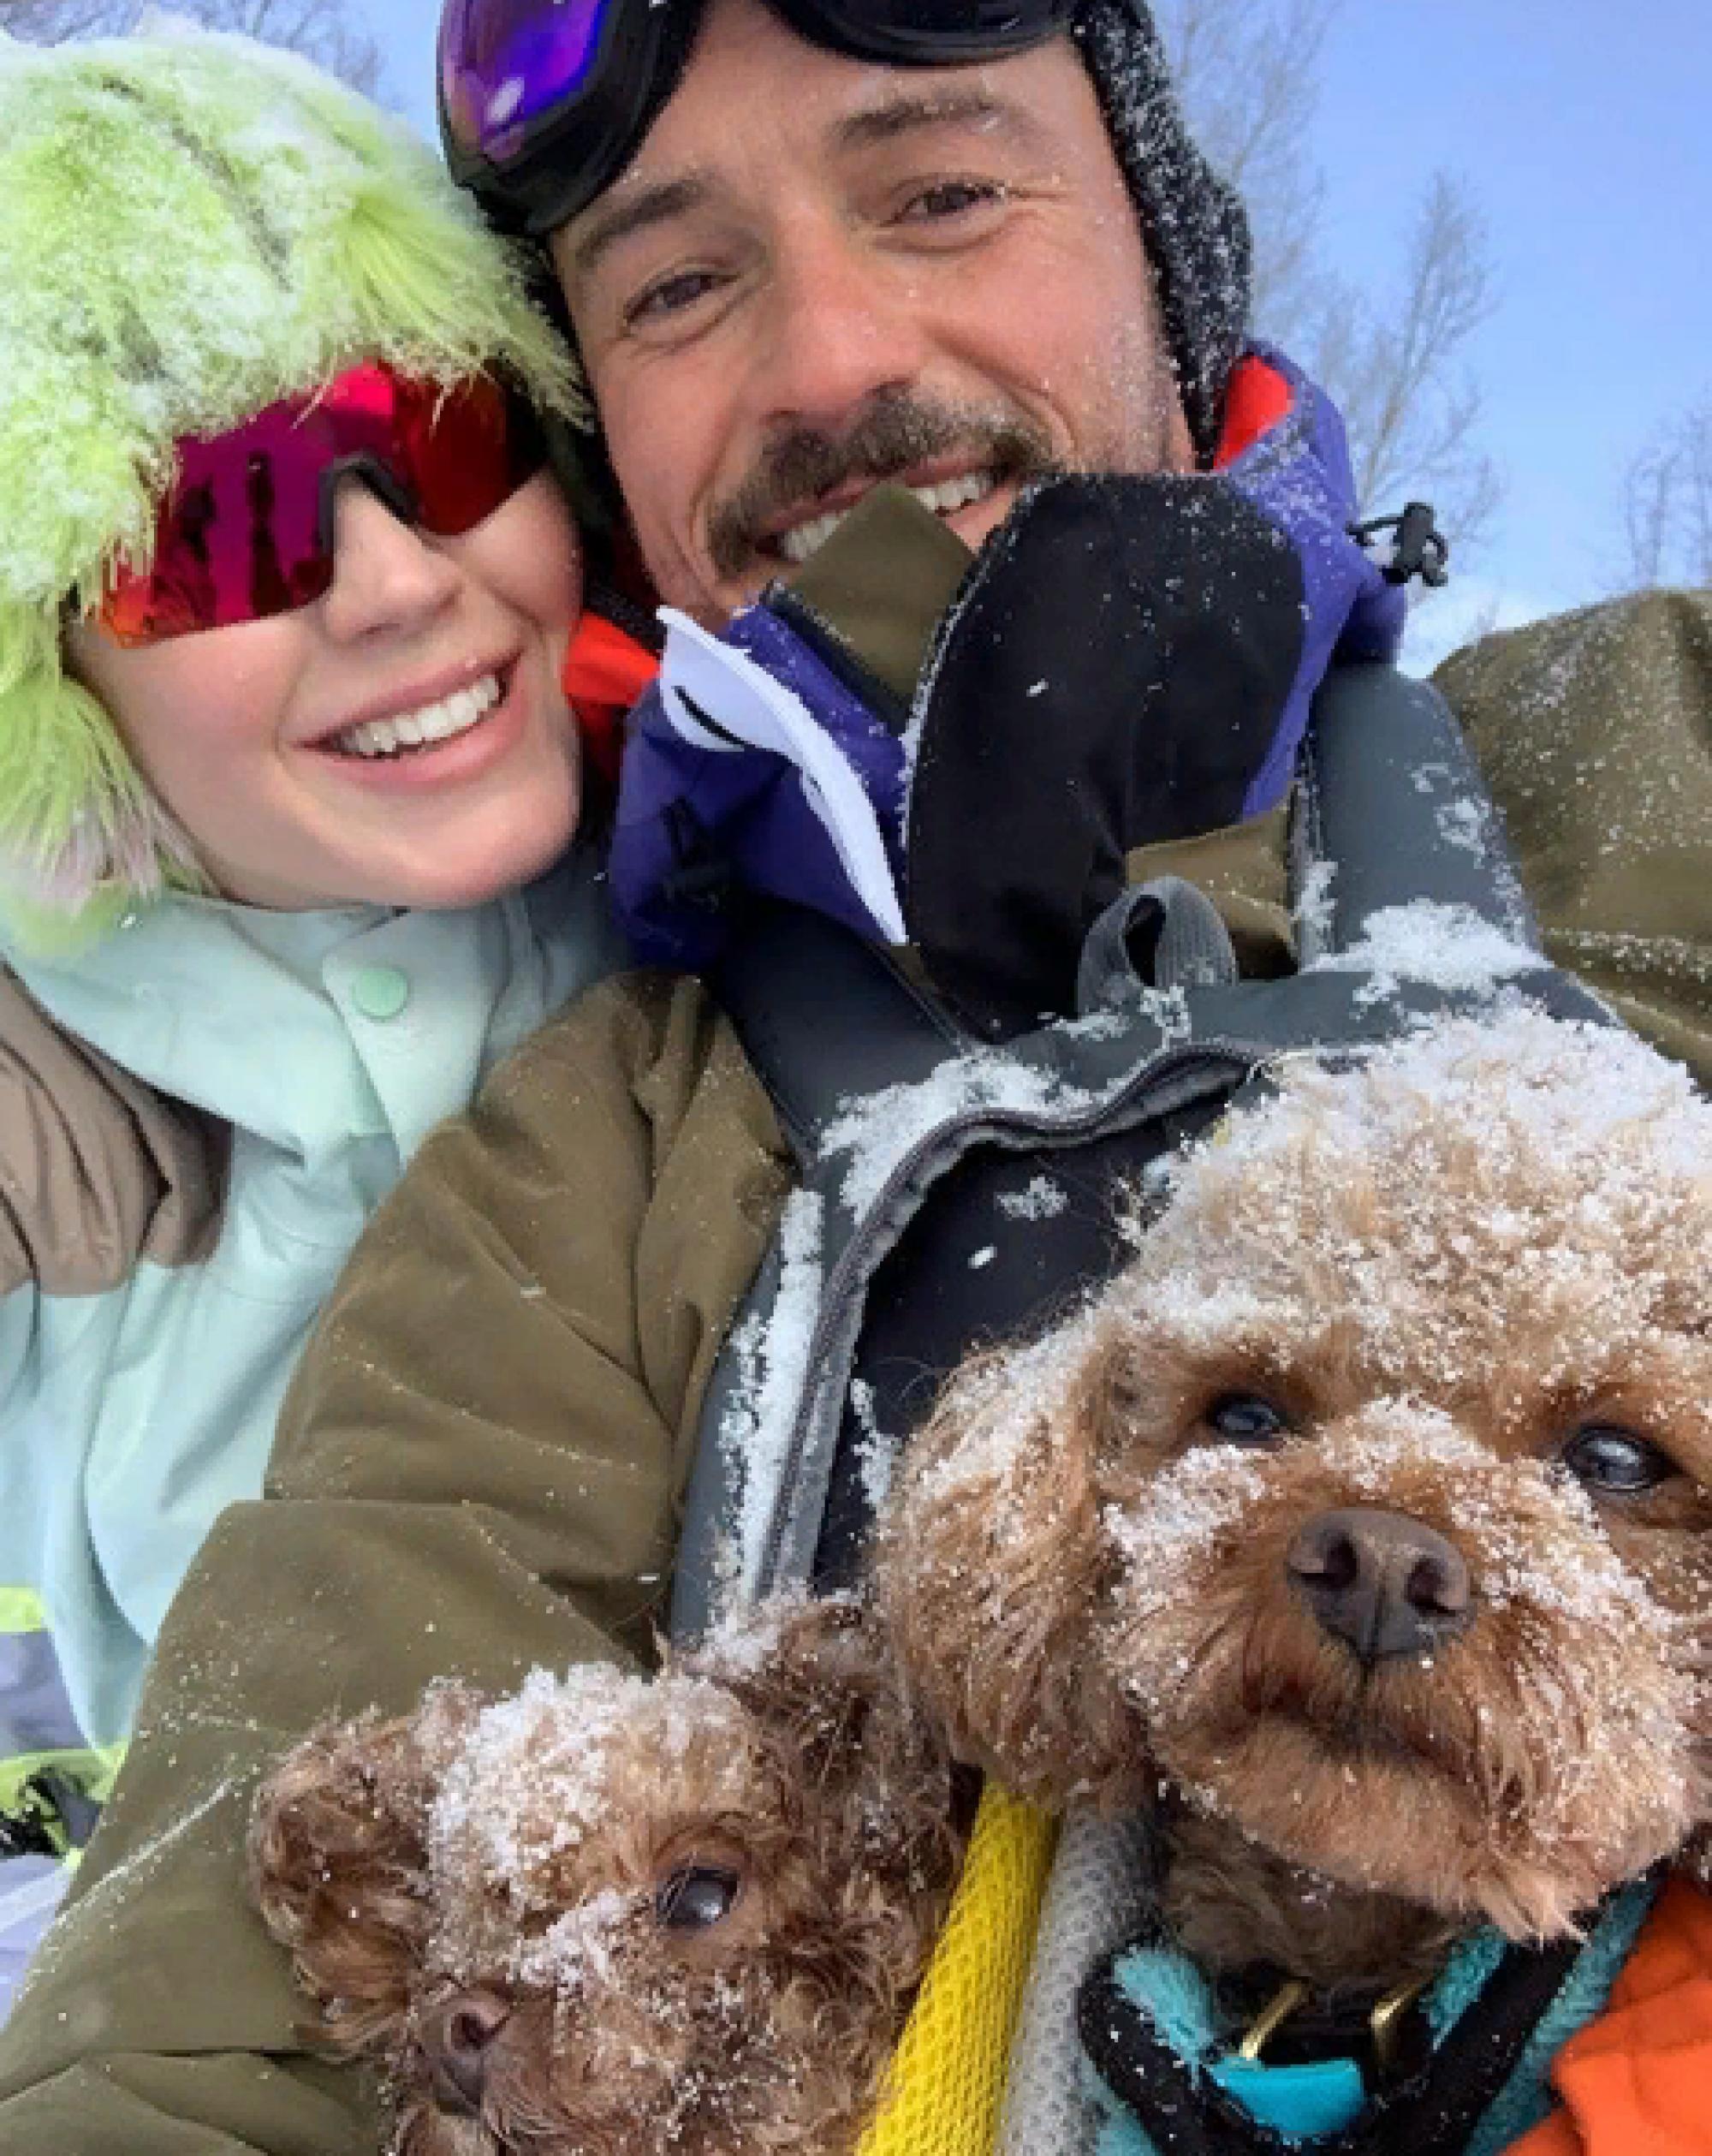 Кэти Пэрри и Орландо Блум остановили подготовку к свадьбе из-за коронавируса